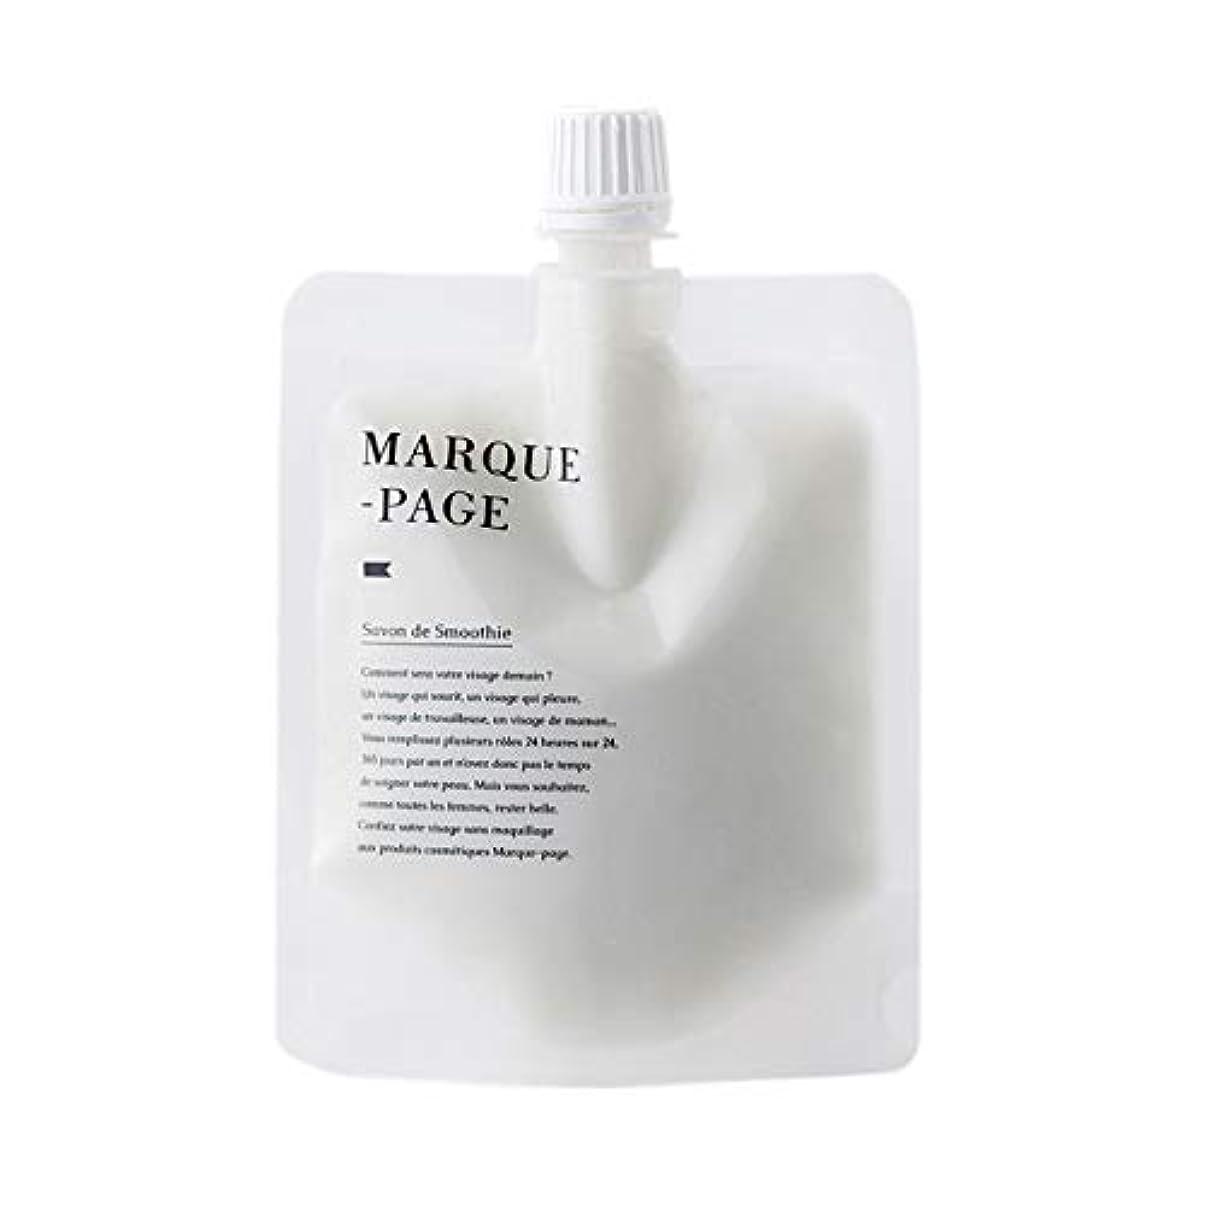 決定的ストレンジャー鳴り響くMARQUE-PAGE マルクパージュ サボン ド スムージー <洗顔料> 100g